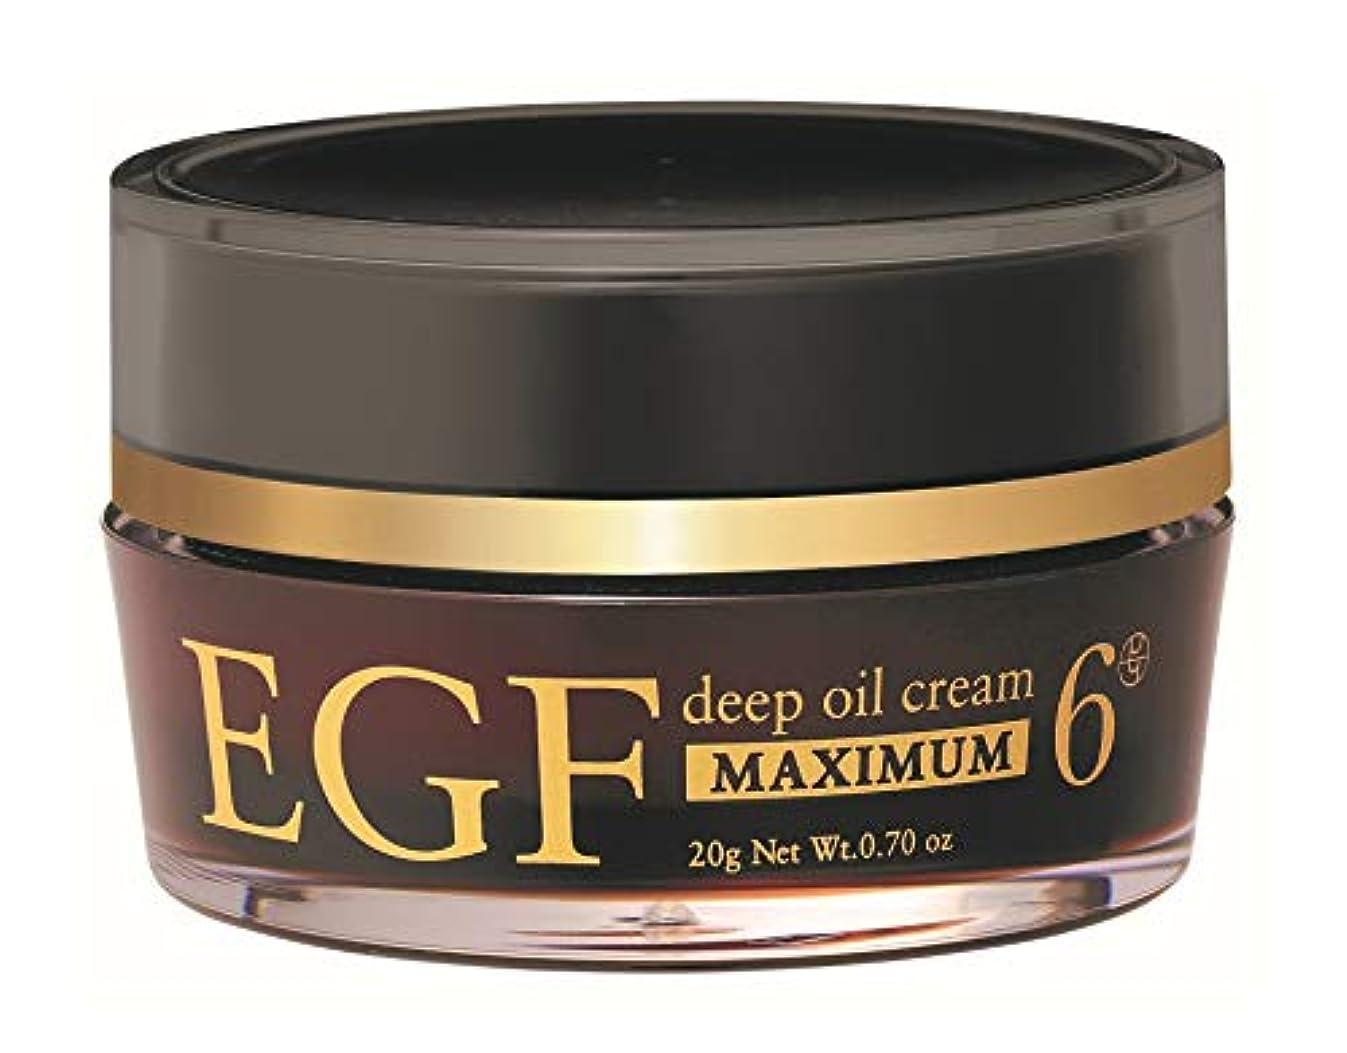 神話誘惑計画的EGF ディープオイルクリーム マキシマム [ 20g / 濃度6μグラム ] エイジングケア 浸透型オイルクリーム (高濃度EGFクリーム) 日本製